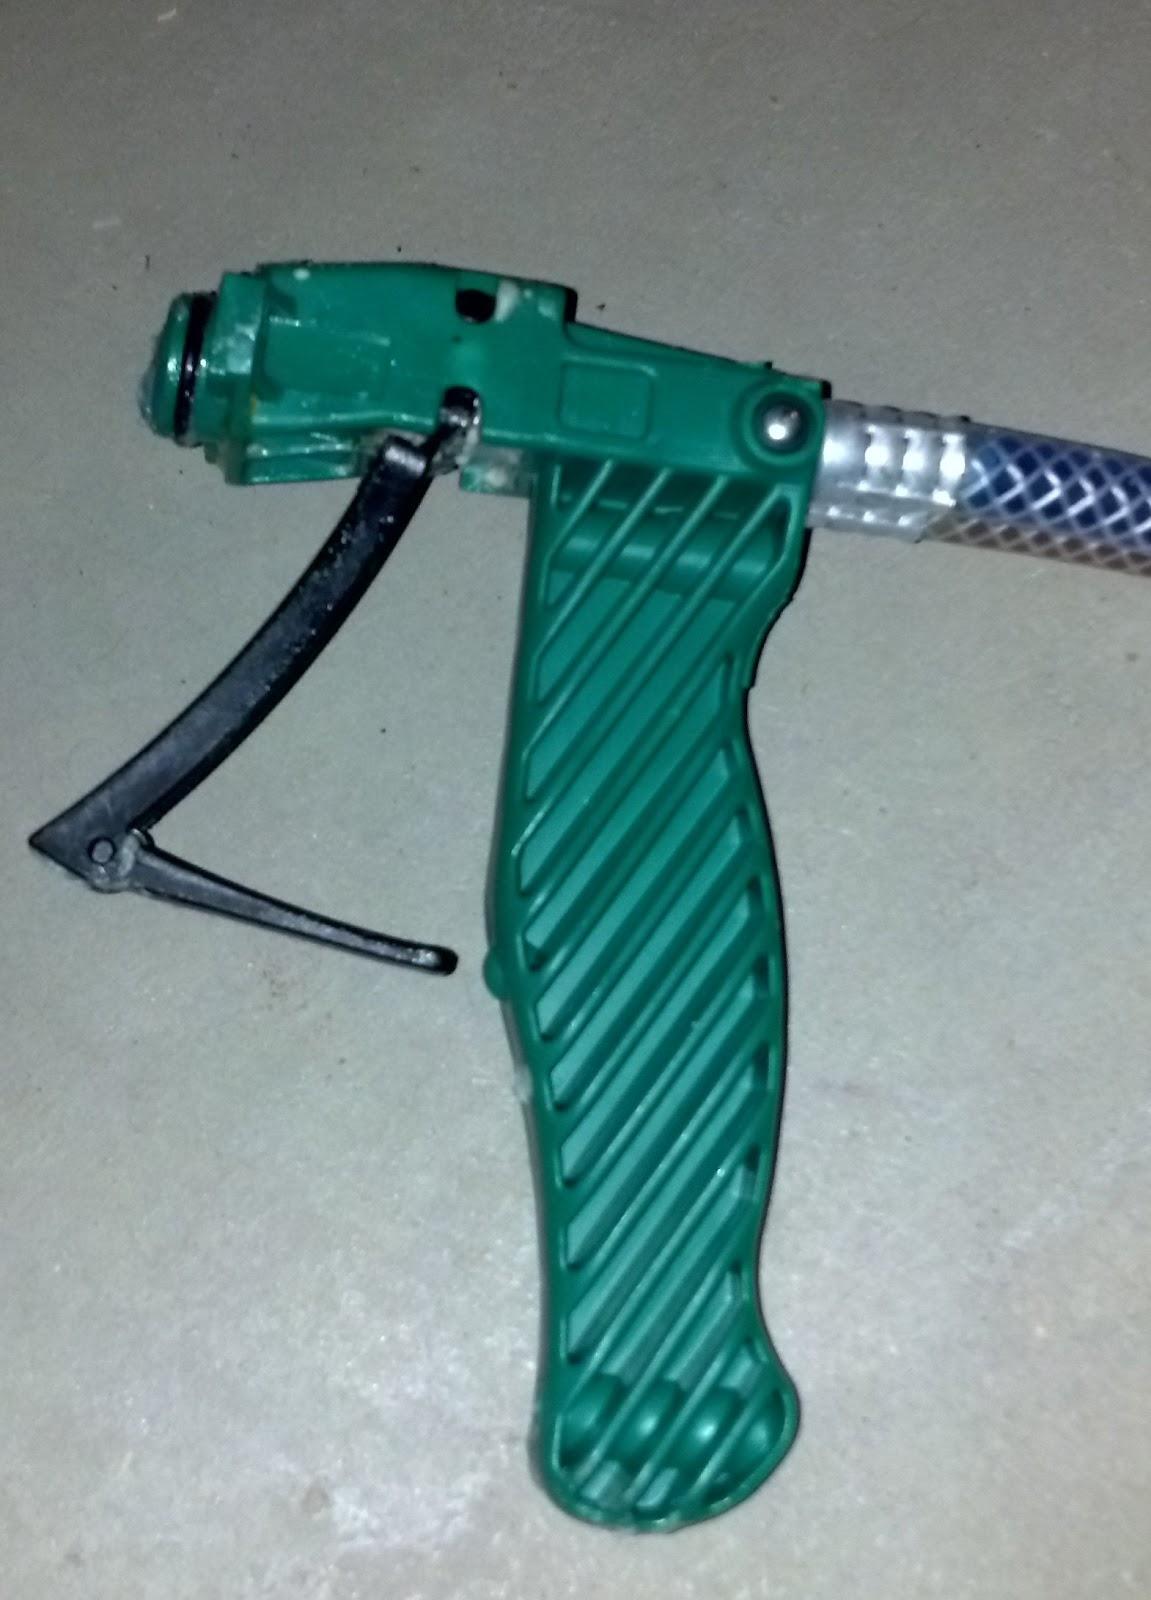 DIY Spray Foam Insulation - Foam It Green Review